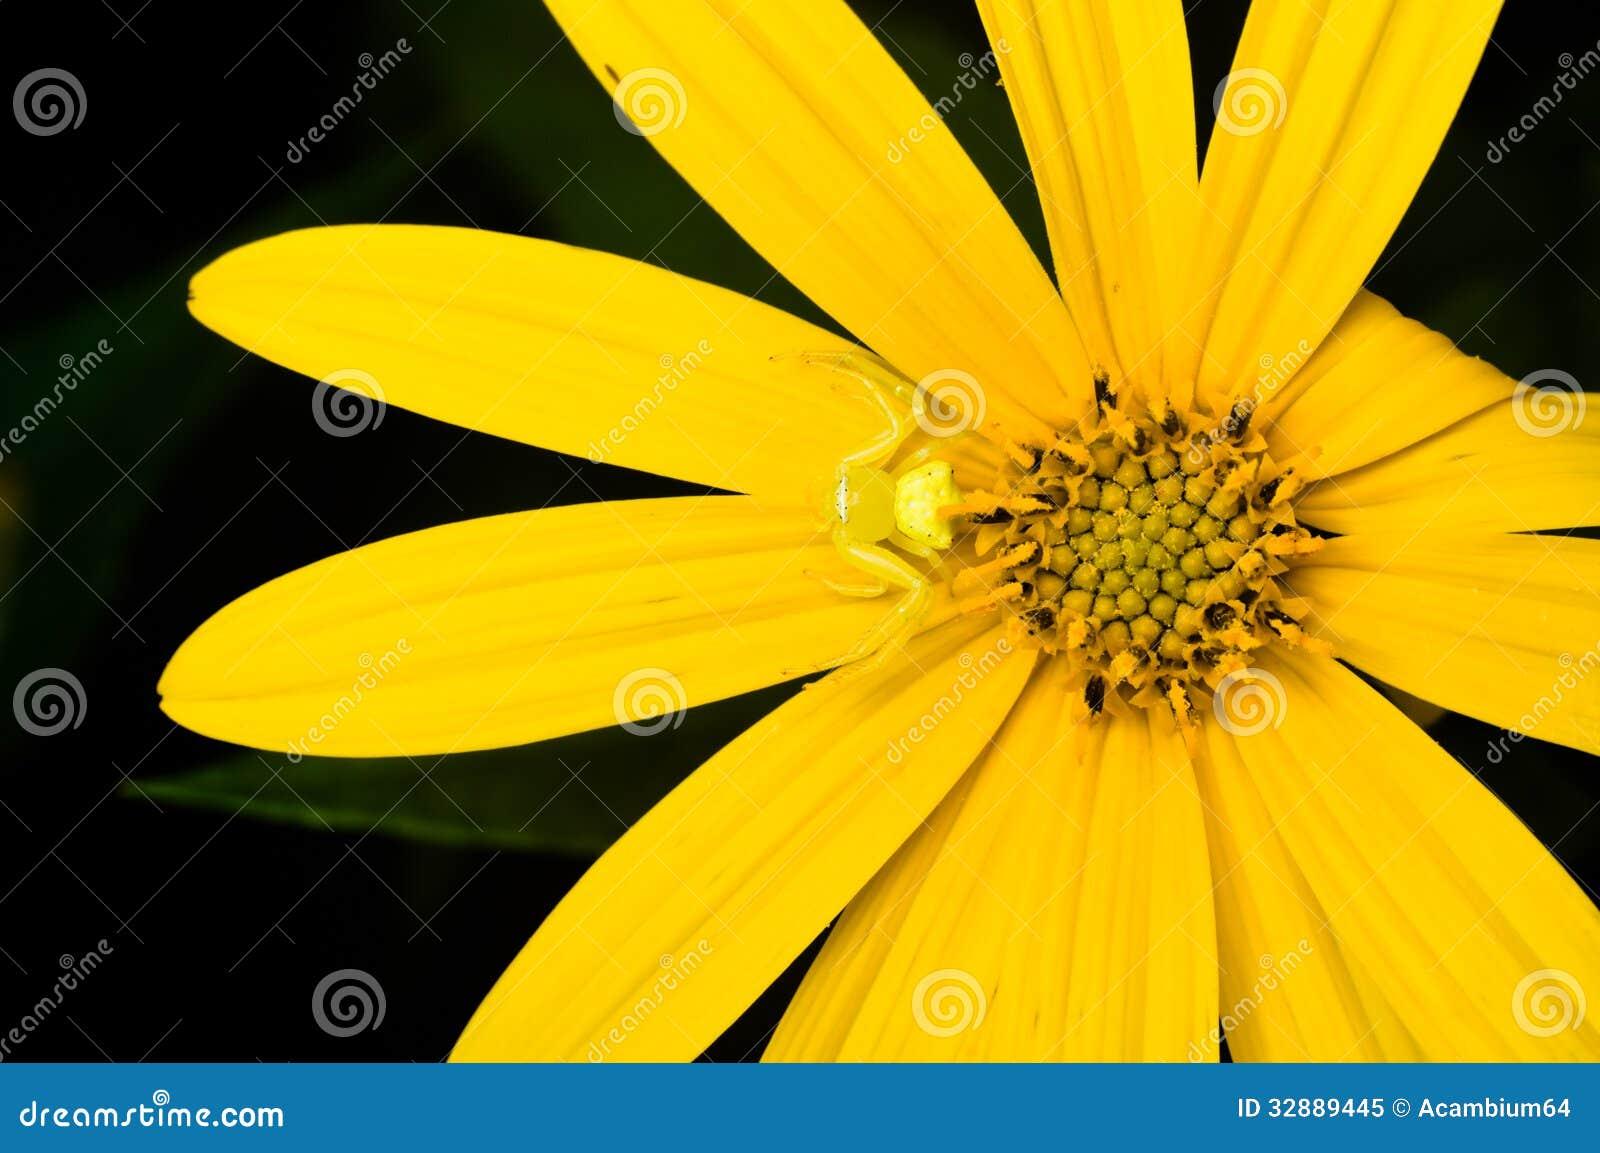 kleine gelbe spinne auf der mexikanischen sonnenblume. Black Bedroom Furniture Sets. Home Design Ideas